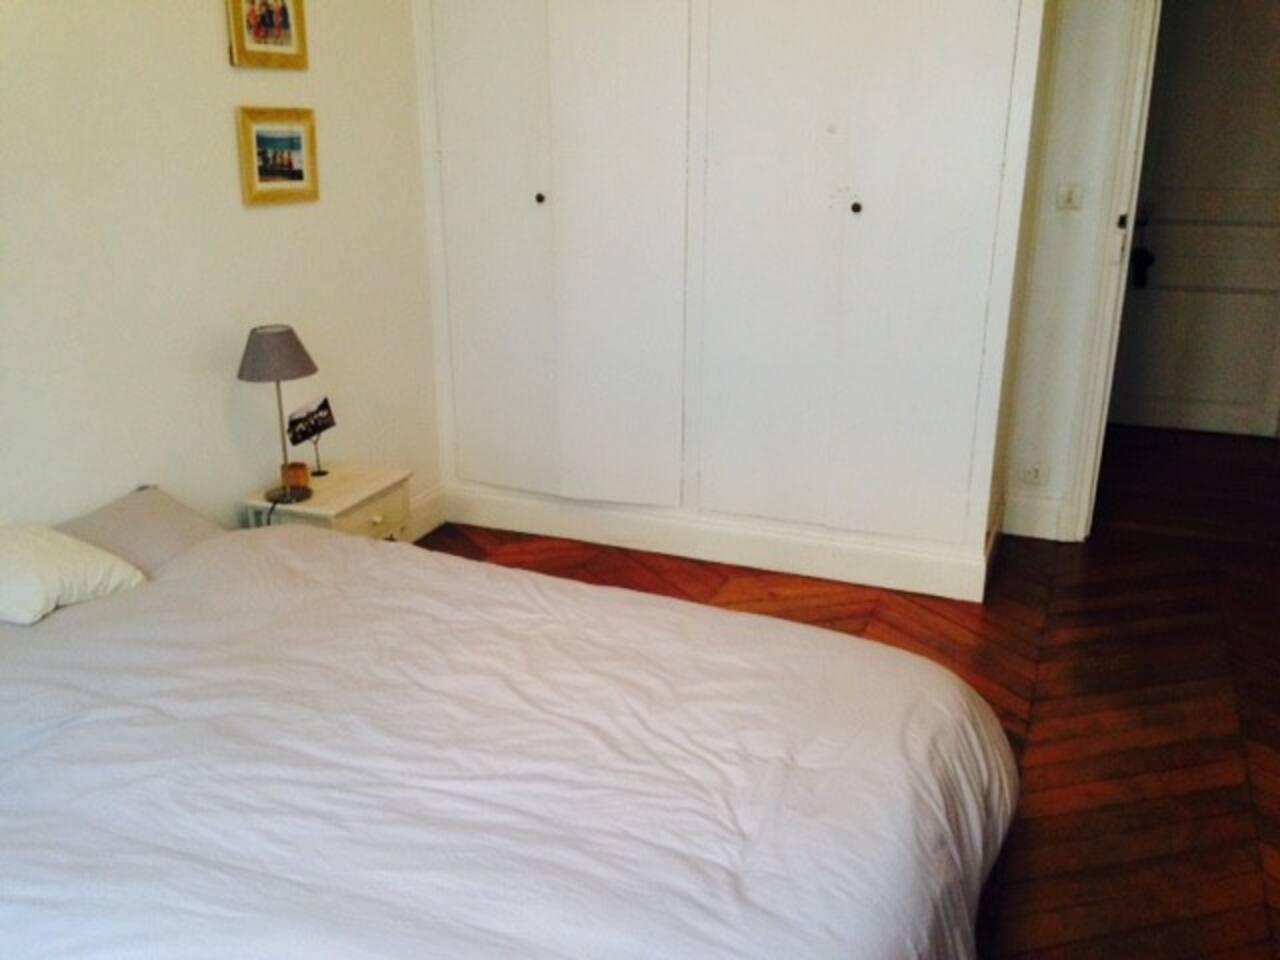 Charmante chambre avec lit double, dans les tons de gris et blanc. Lumineuse, parquet au sol et placard disponible. Petit bureau avec chaise pour travailler .